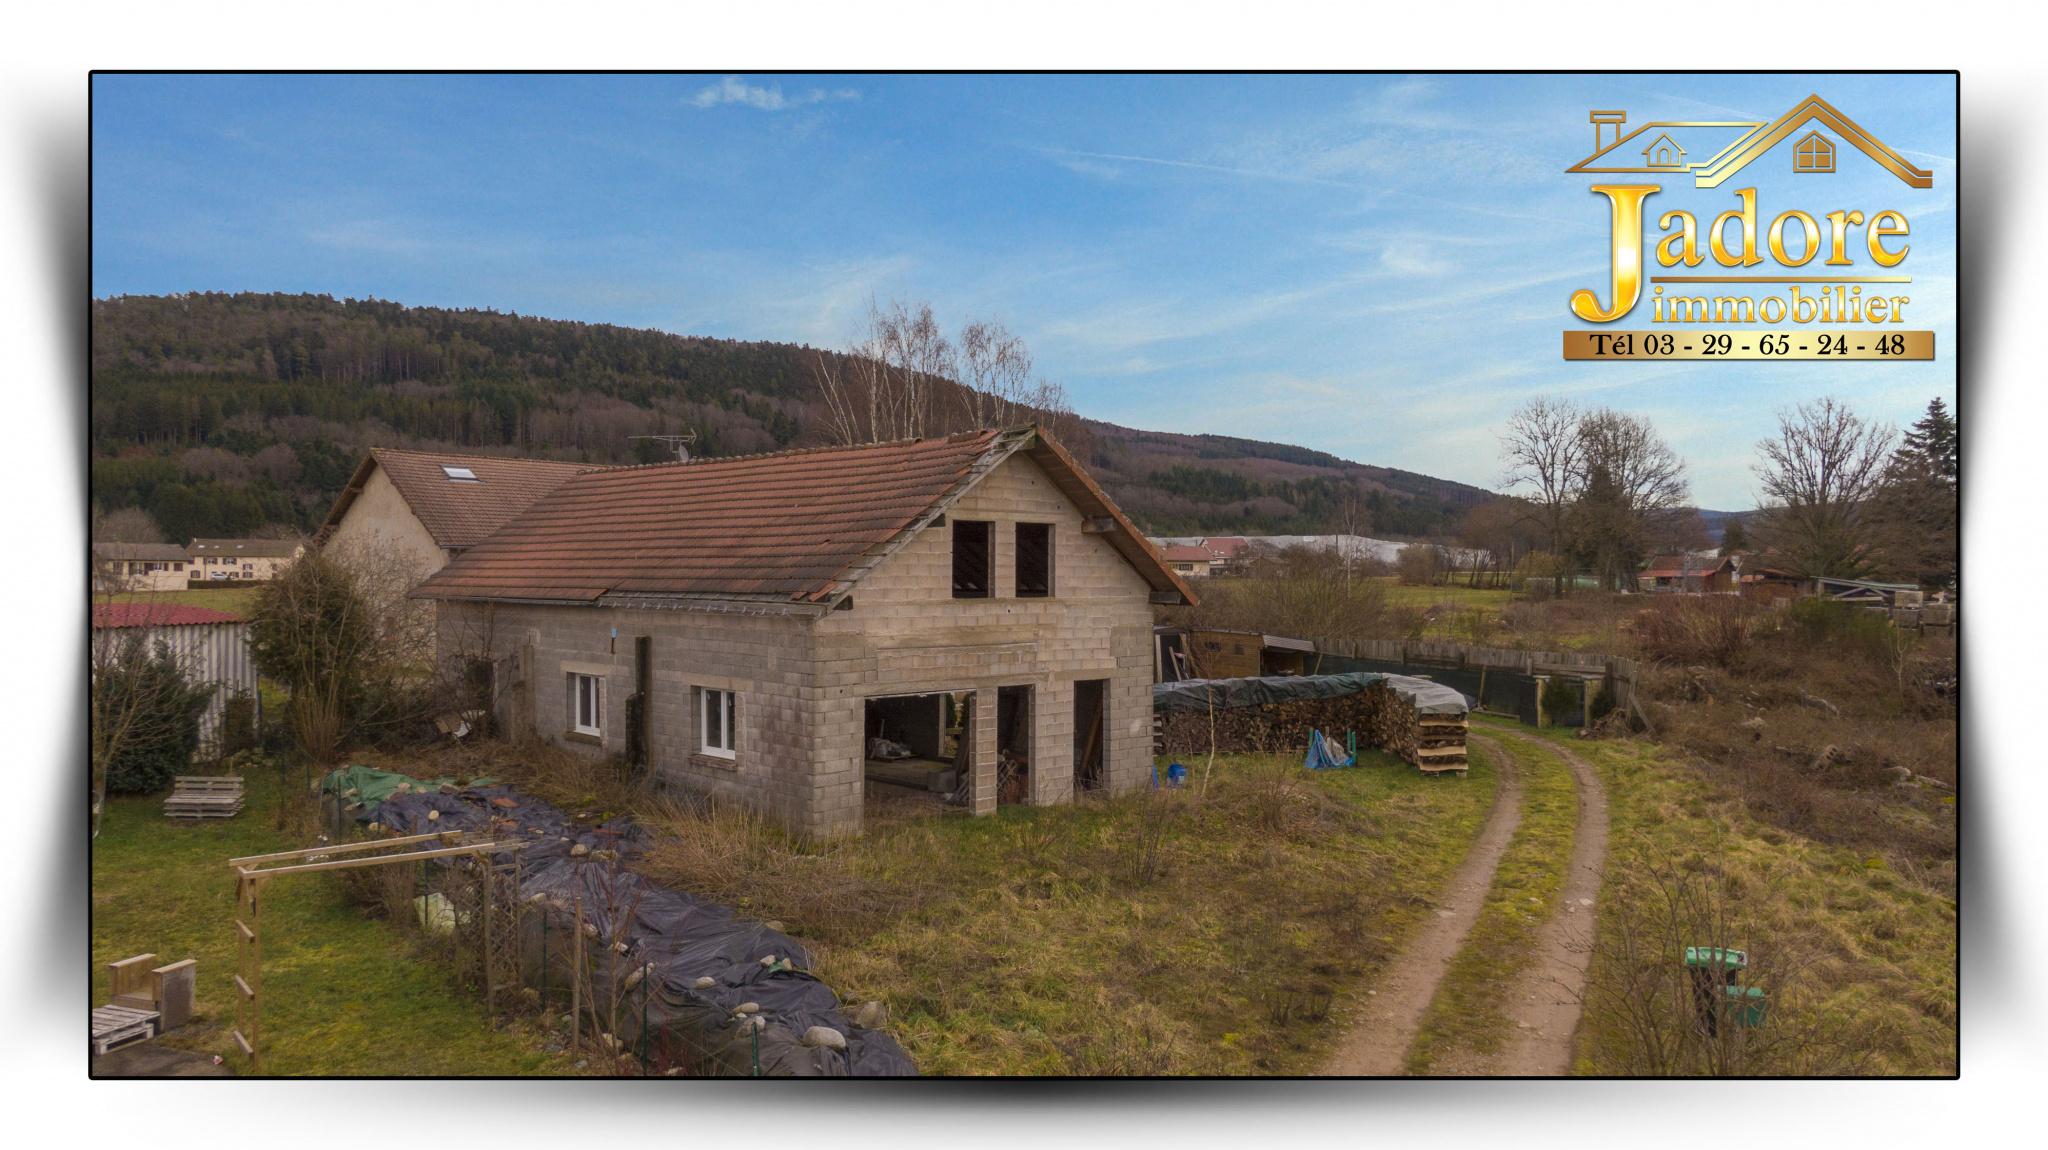 maison/villa à vendre granges sur vologne